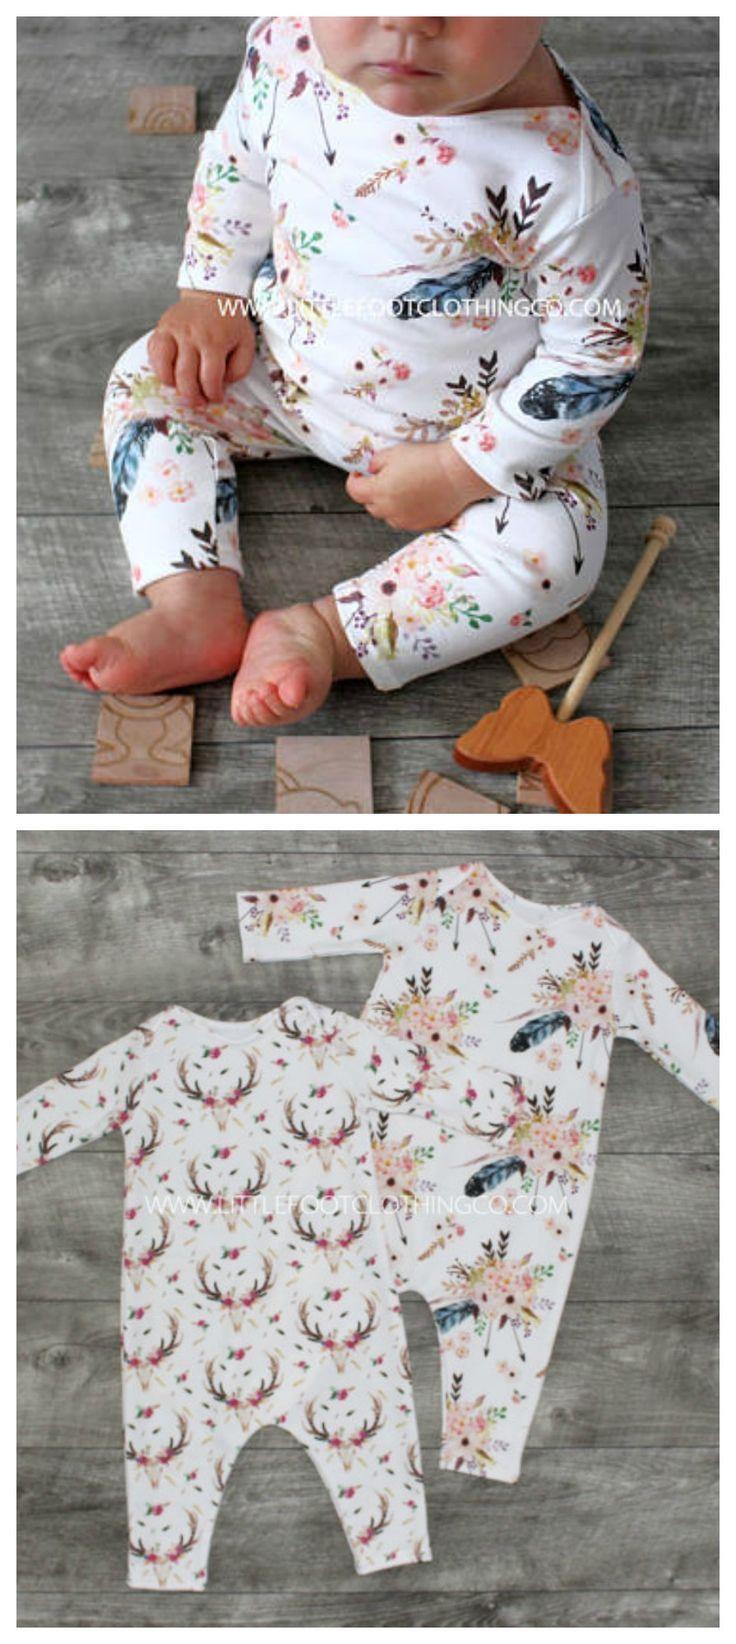 Barboteuse bébé fille, vêtements bébé fille, barboteuse bio, vêtements bio bébé, boho …   – Nähen für Kinder